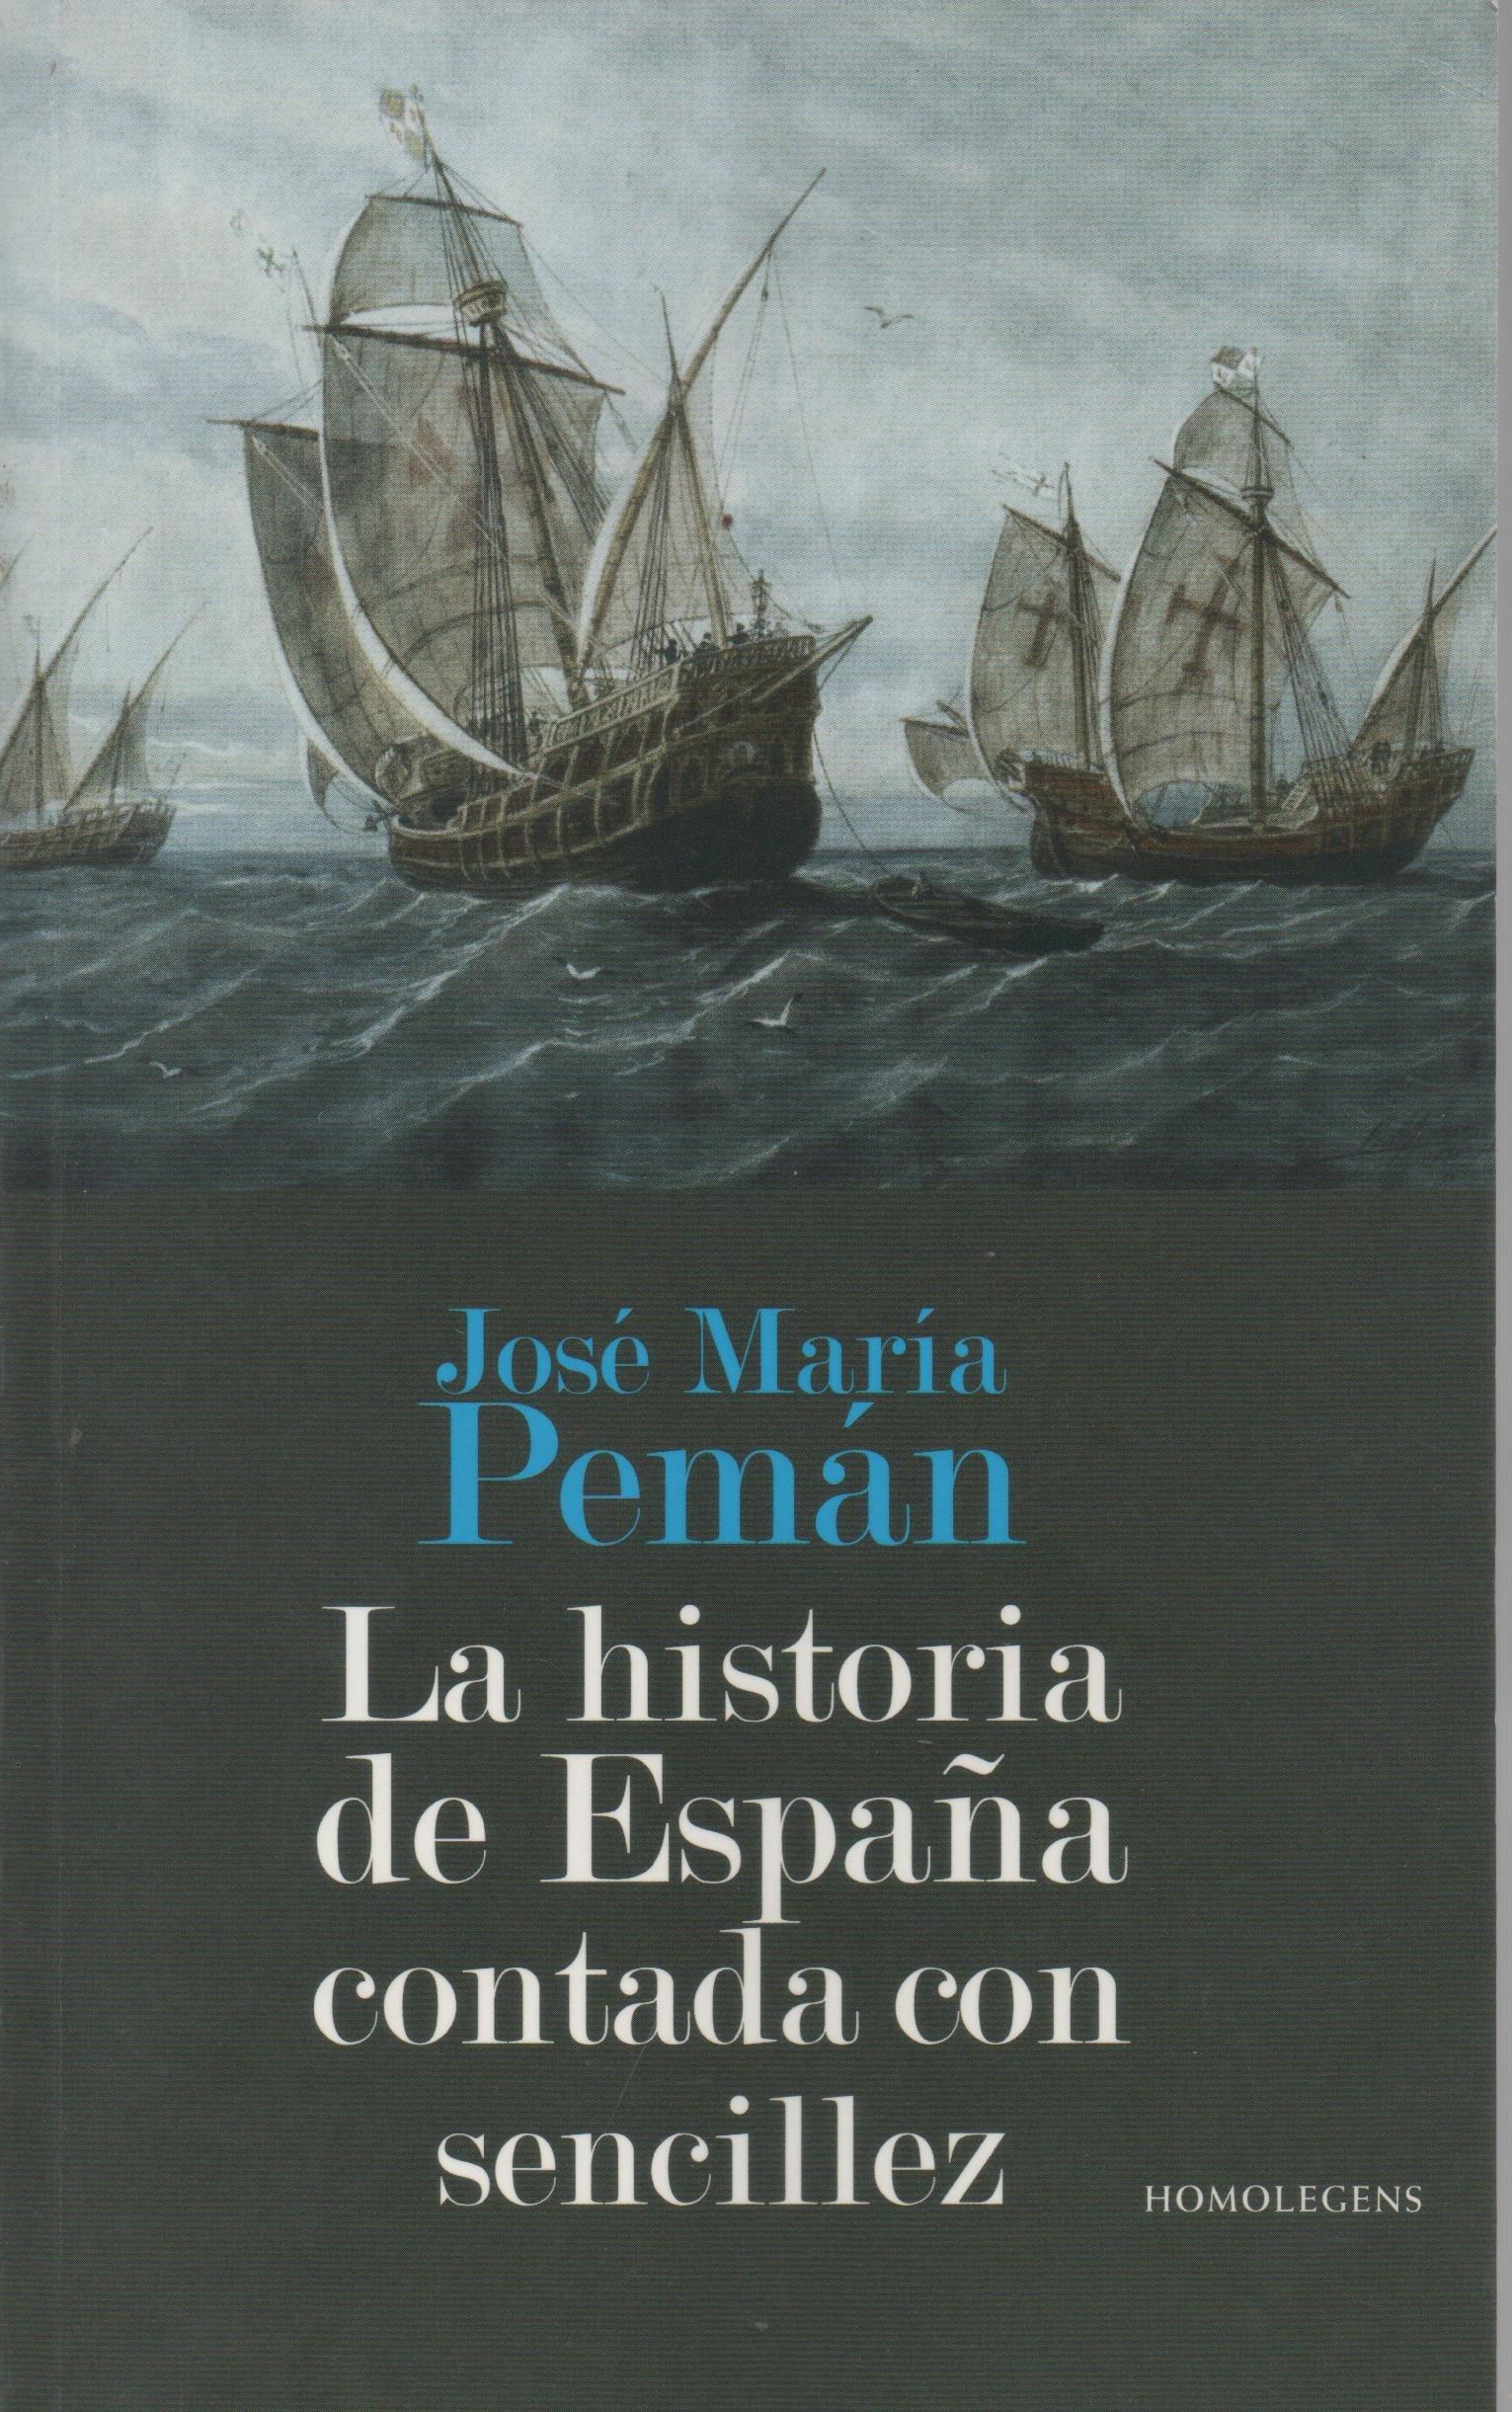 LA HISTORIA DE ESPAÑA CONTADA CON SENCILLEZ: Amazon.es: Libros